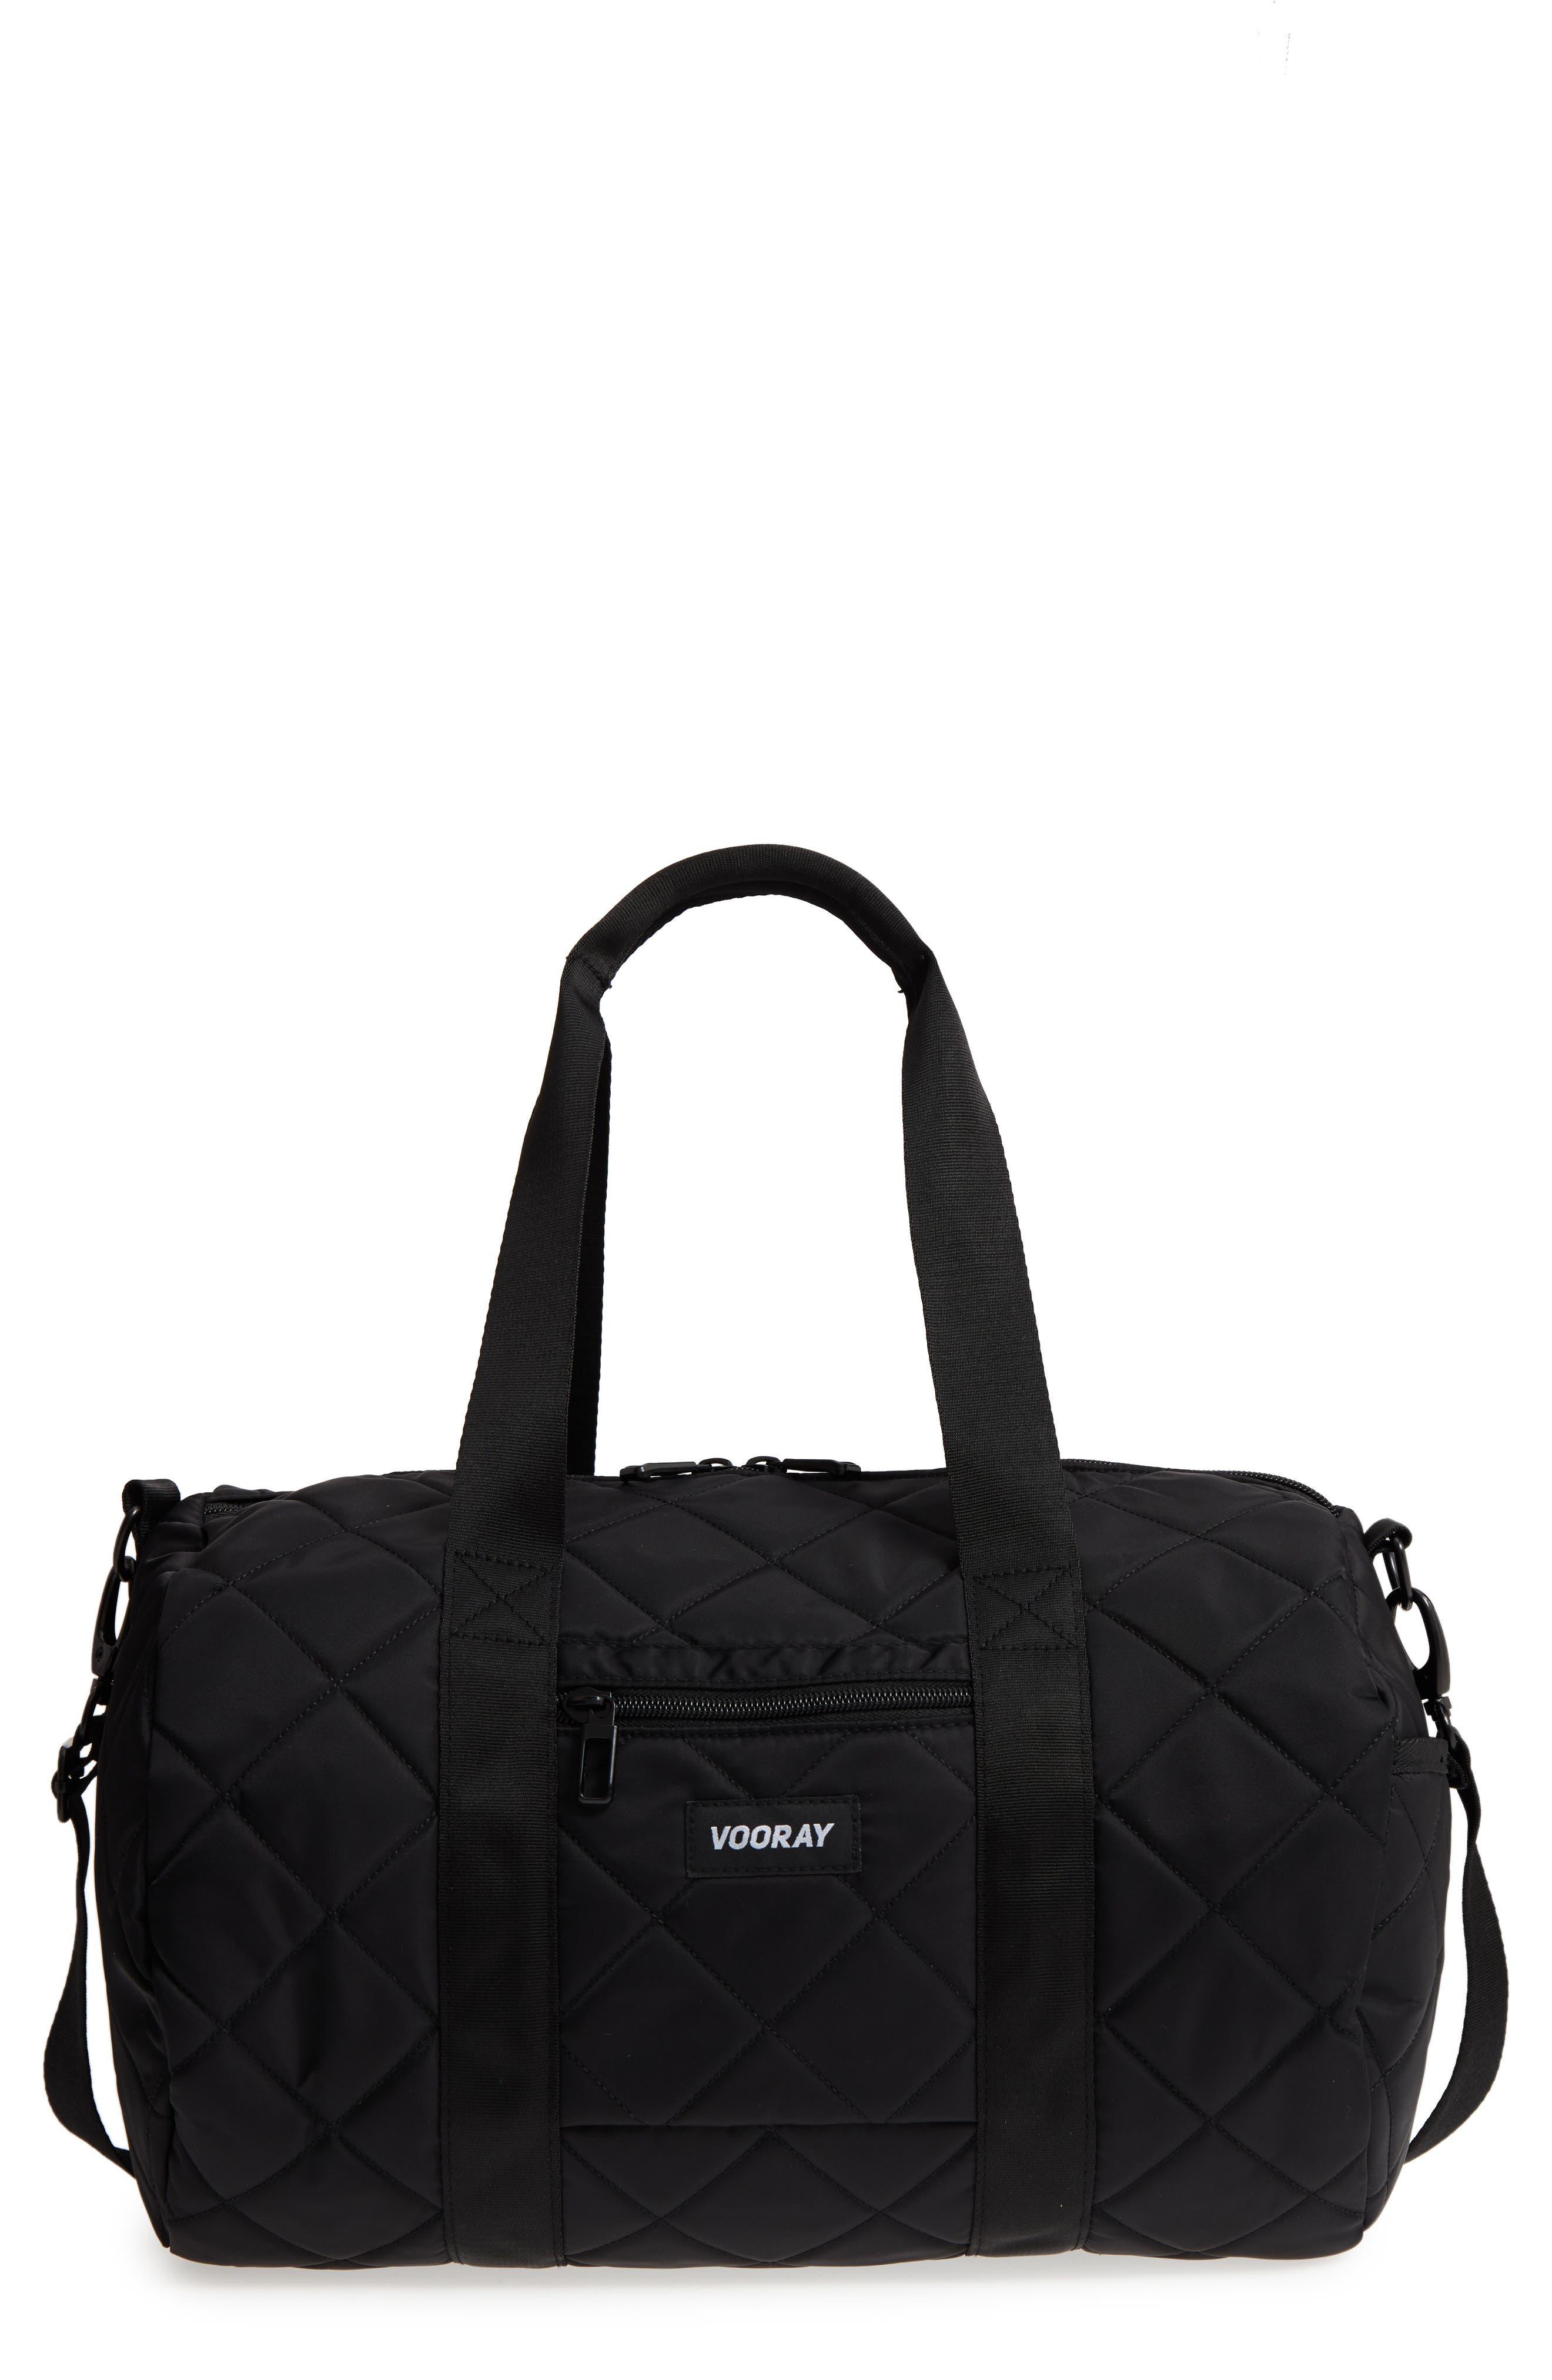 Roadie Small Duffel Bag,                             Main thumbnail 1, color,                             001